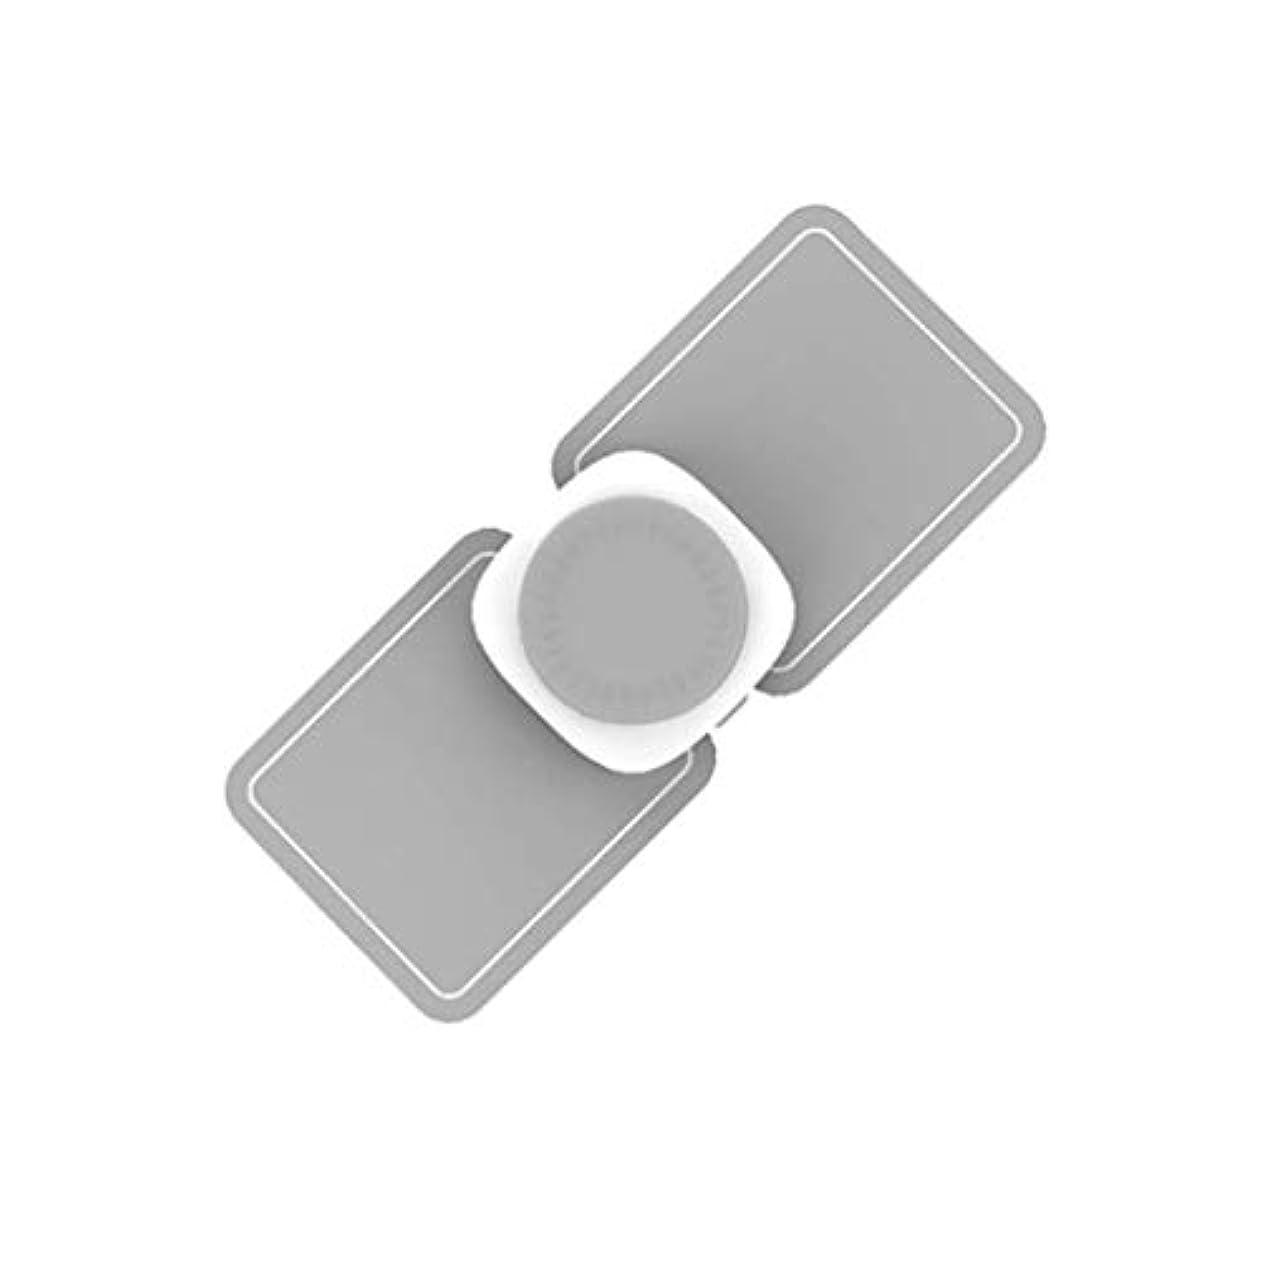 家主週間プライムマッサージャー、ポータブルミニネック|ショルダーマッサージャー、USB充電式電動ディープマッサージツール、マッスルリラクゼーションにより、ホームオフィスの痛みを軽減 (Color : Grey)